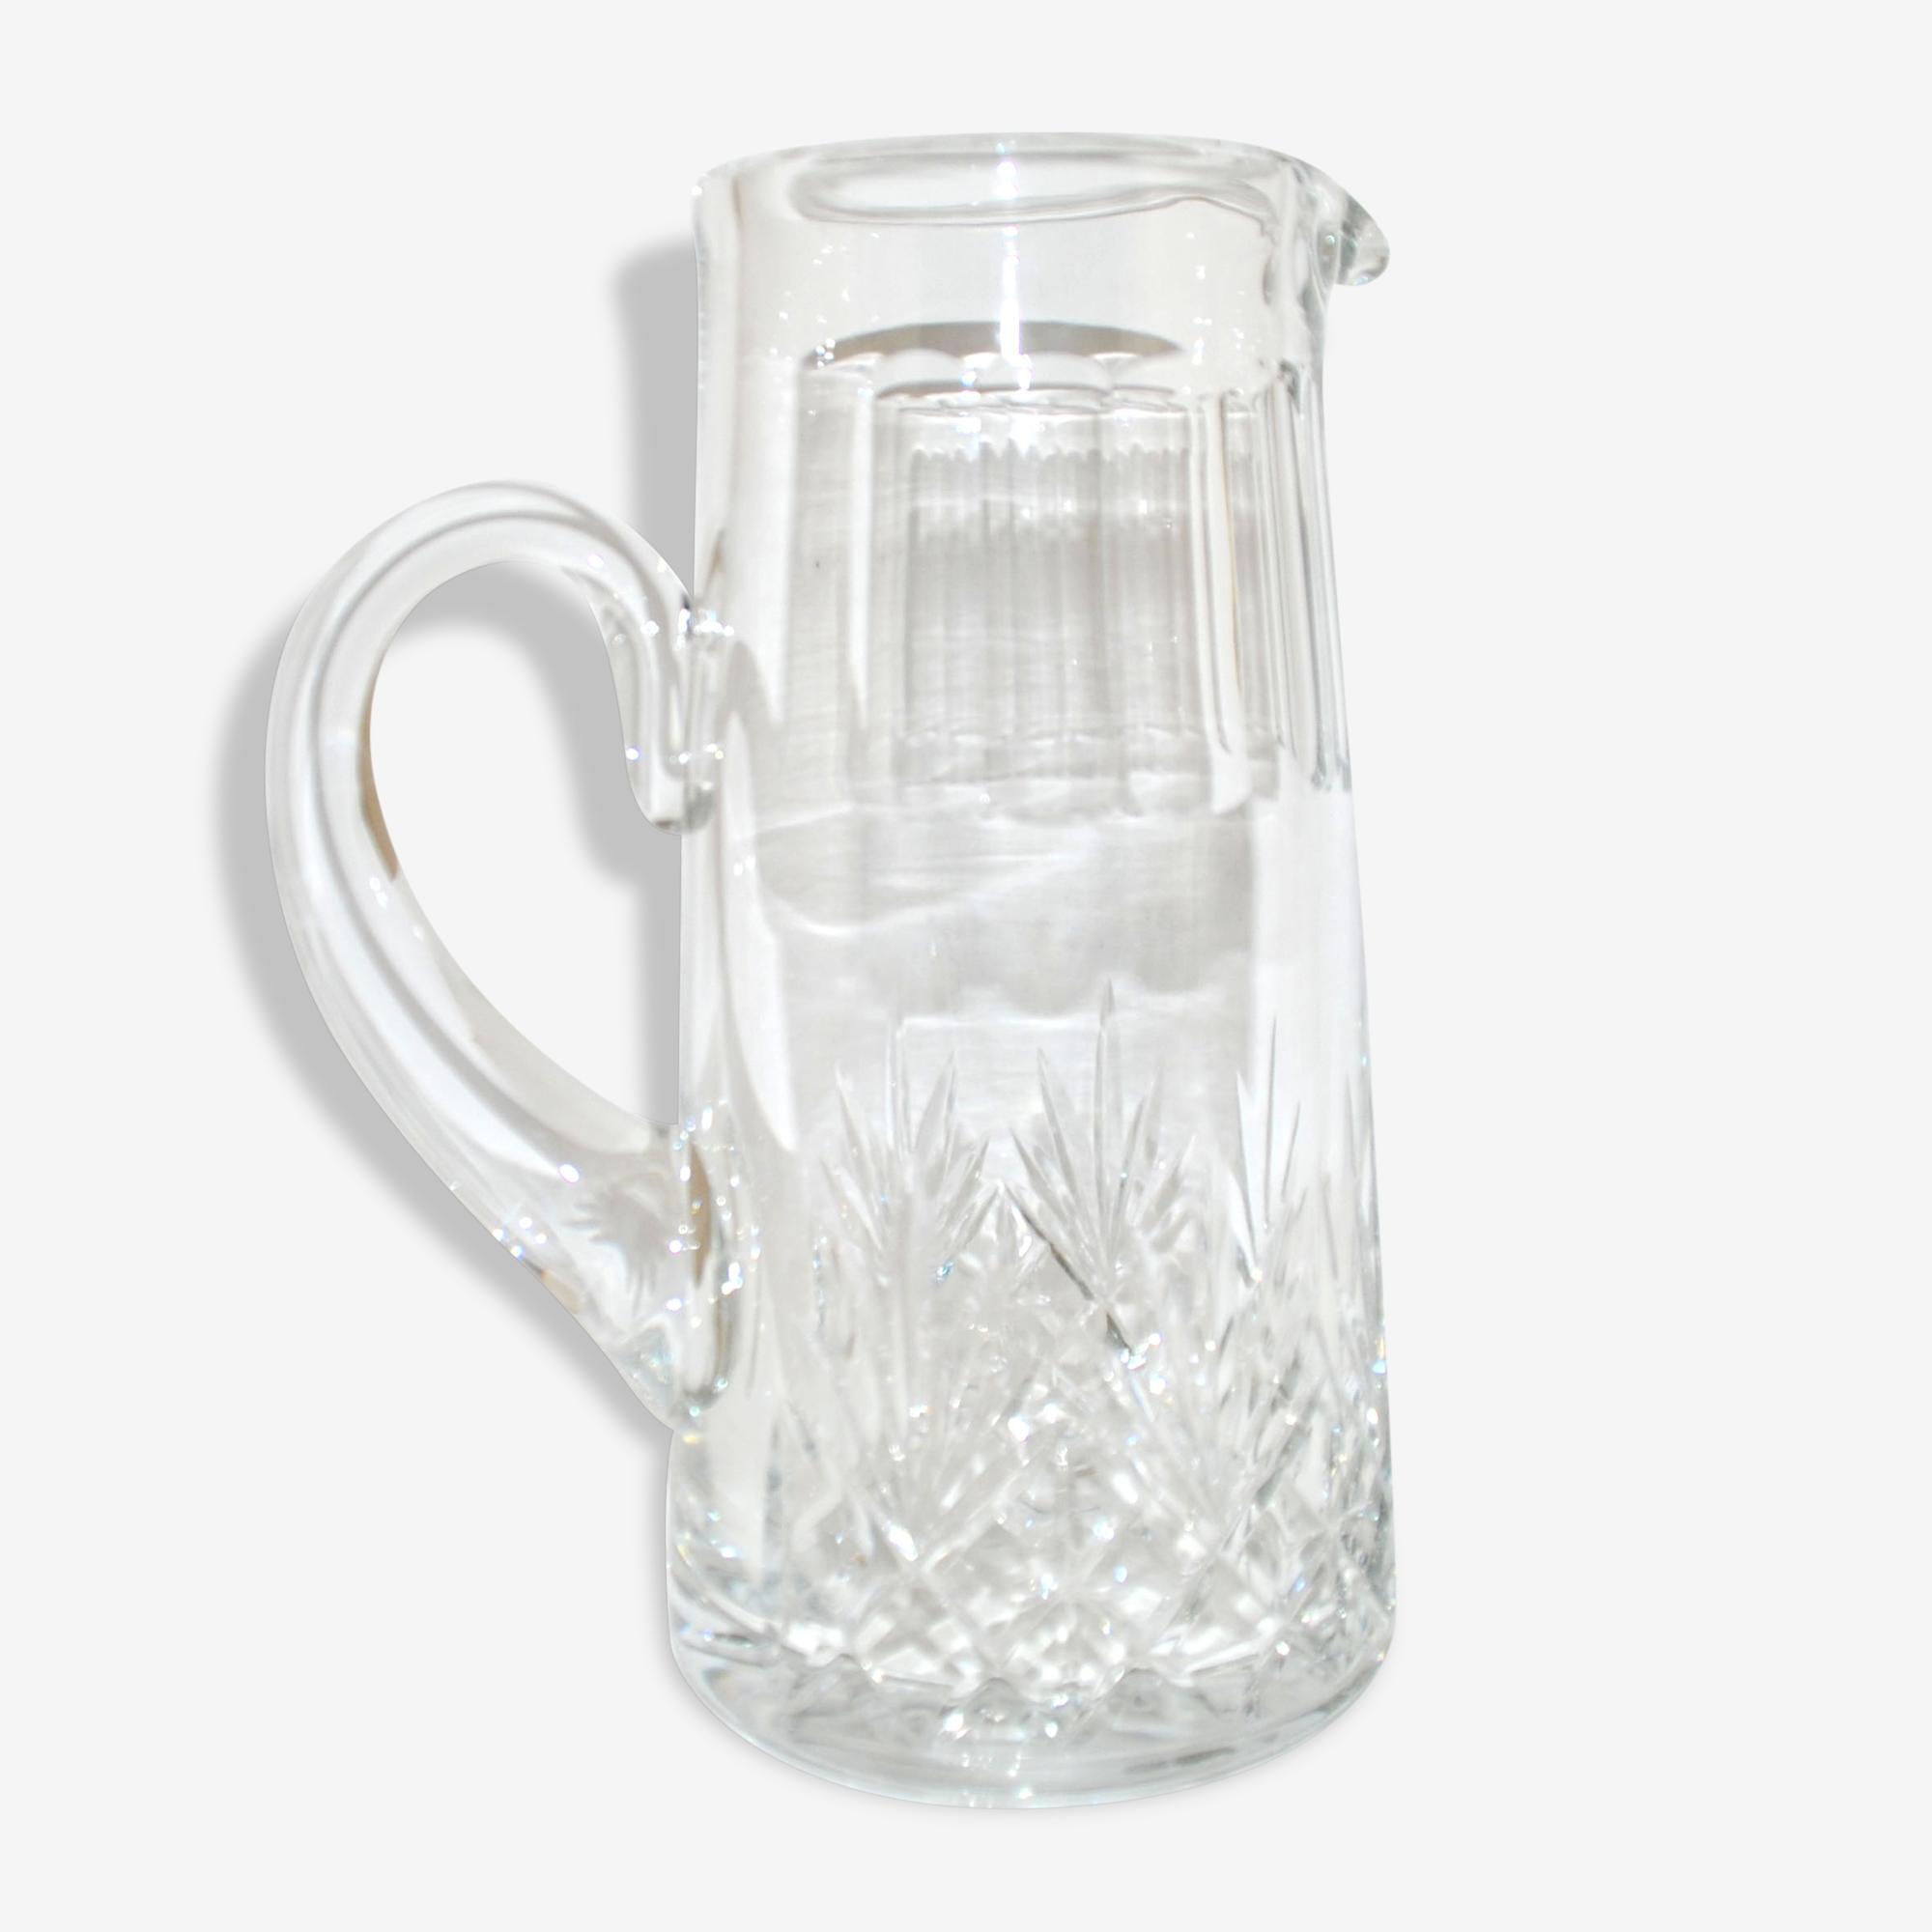 Broc à eau Massenet de Saint-Louis _ Pichet en cristal taillé